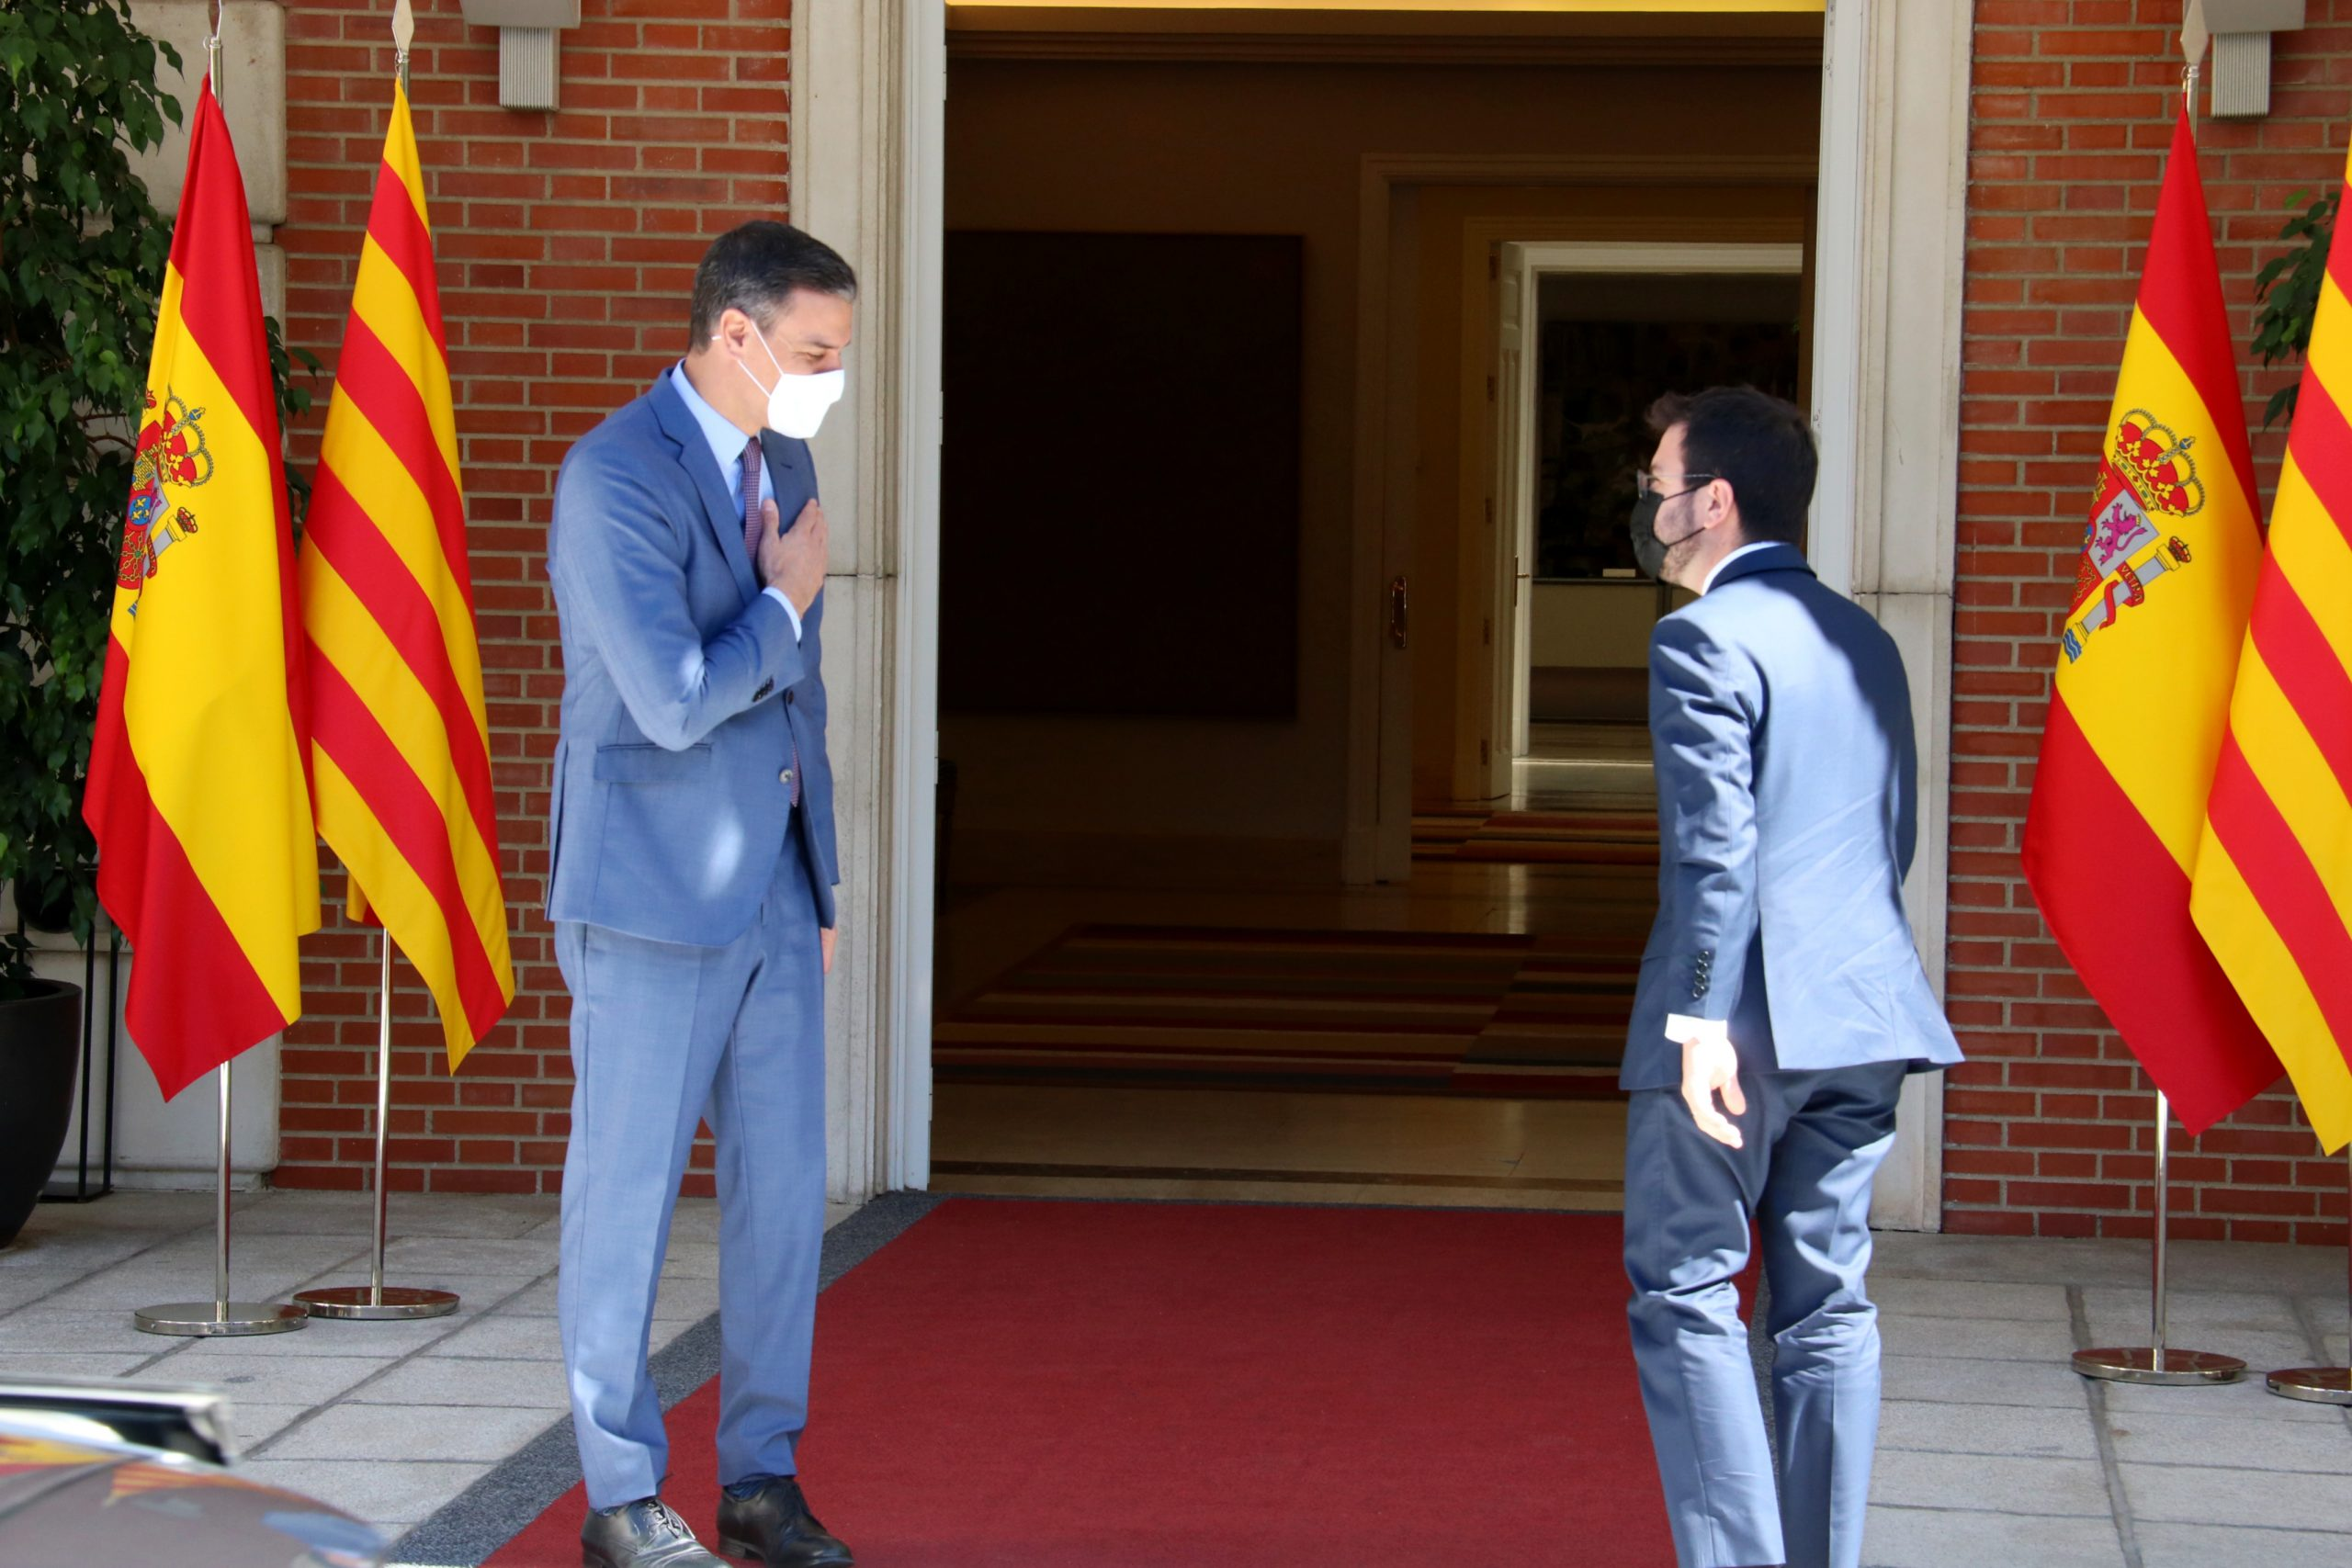 El president espanyol, Pedro Sánchez, saluda el president de la Generalitat, Pere Aragonès, a l'escala de la Moncloa | ACN